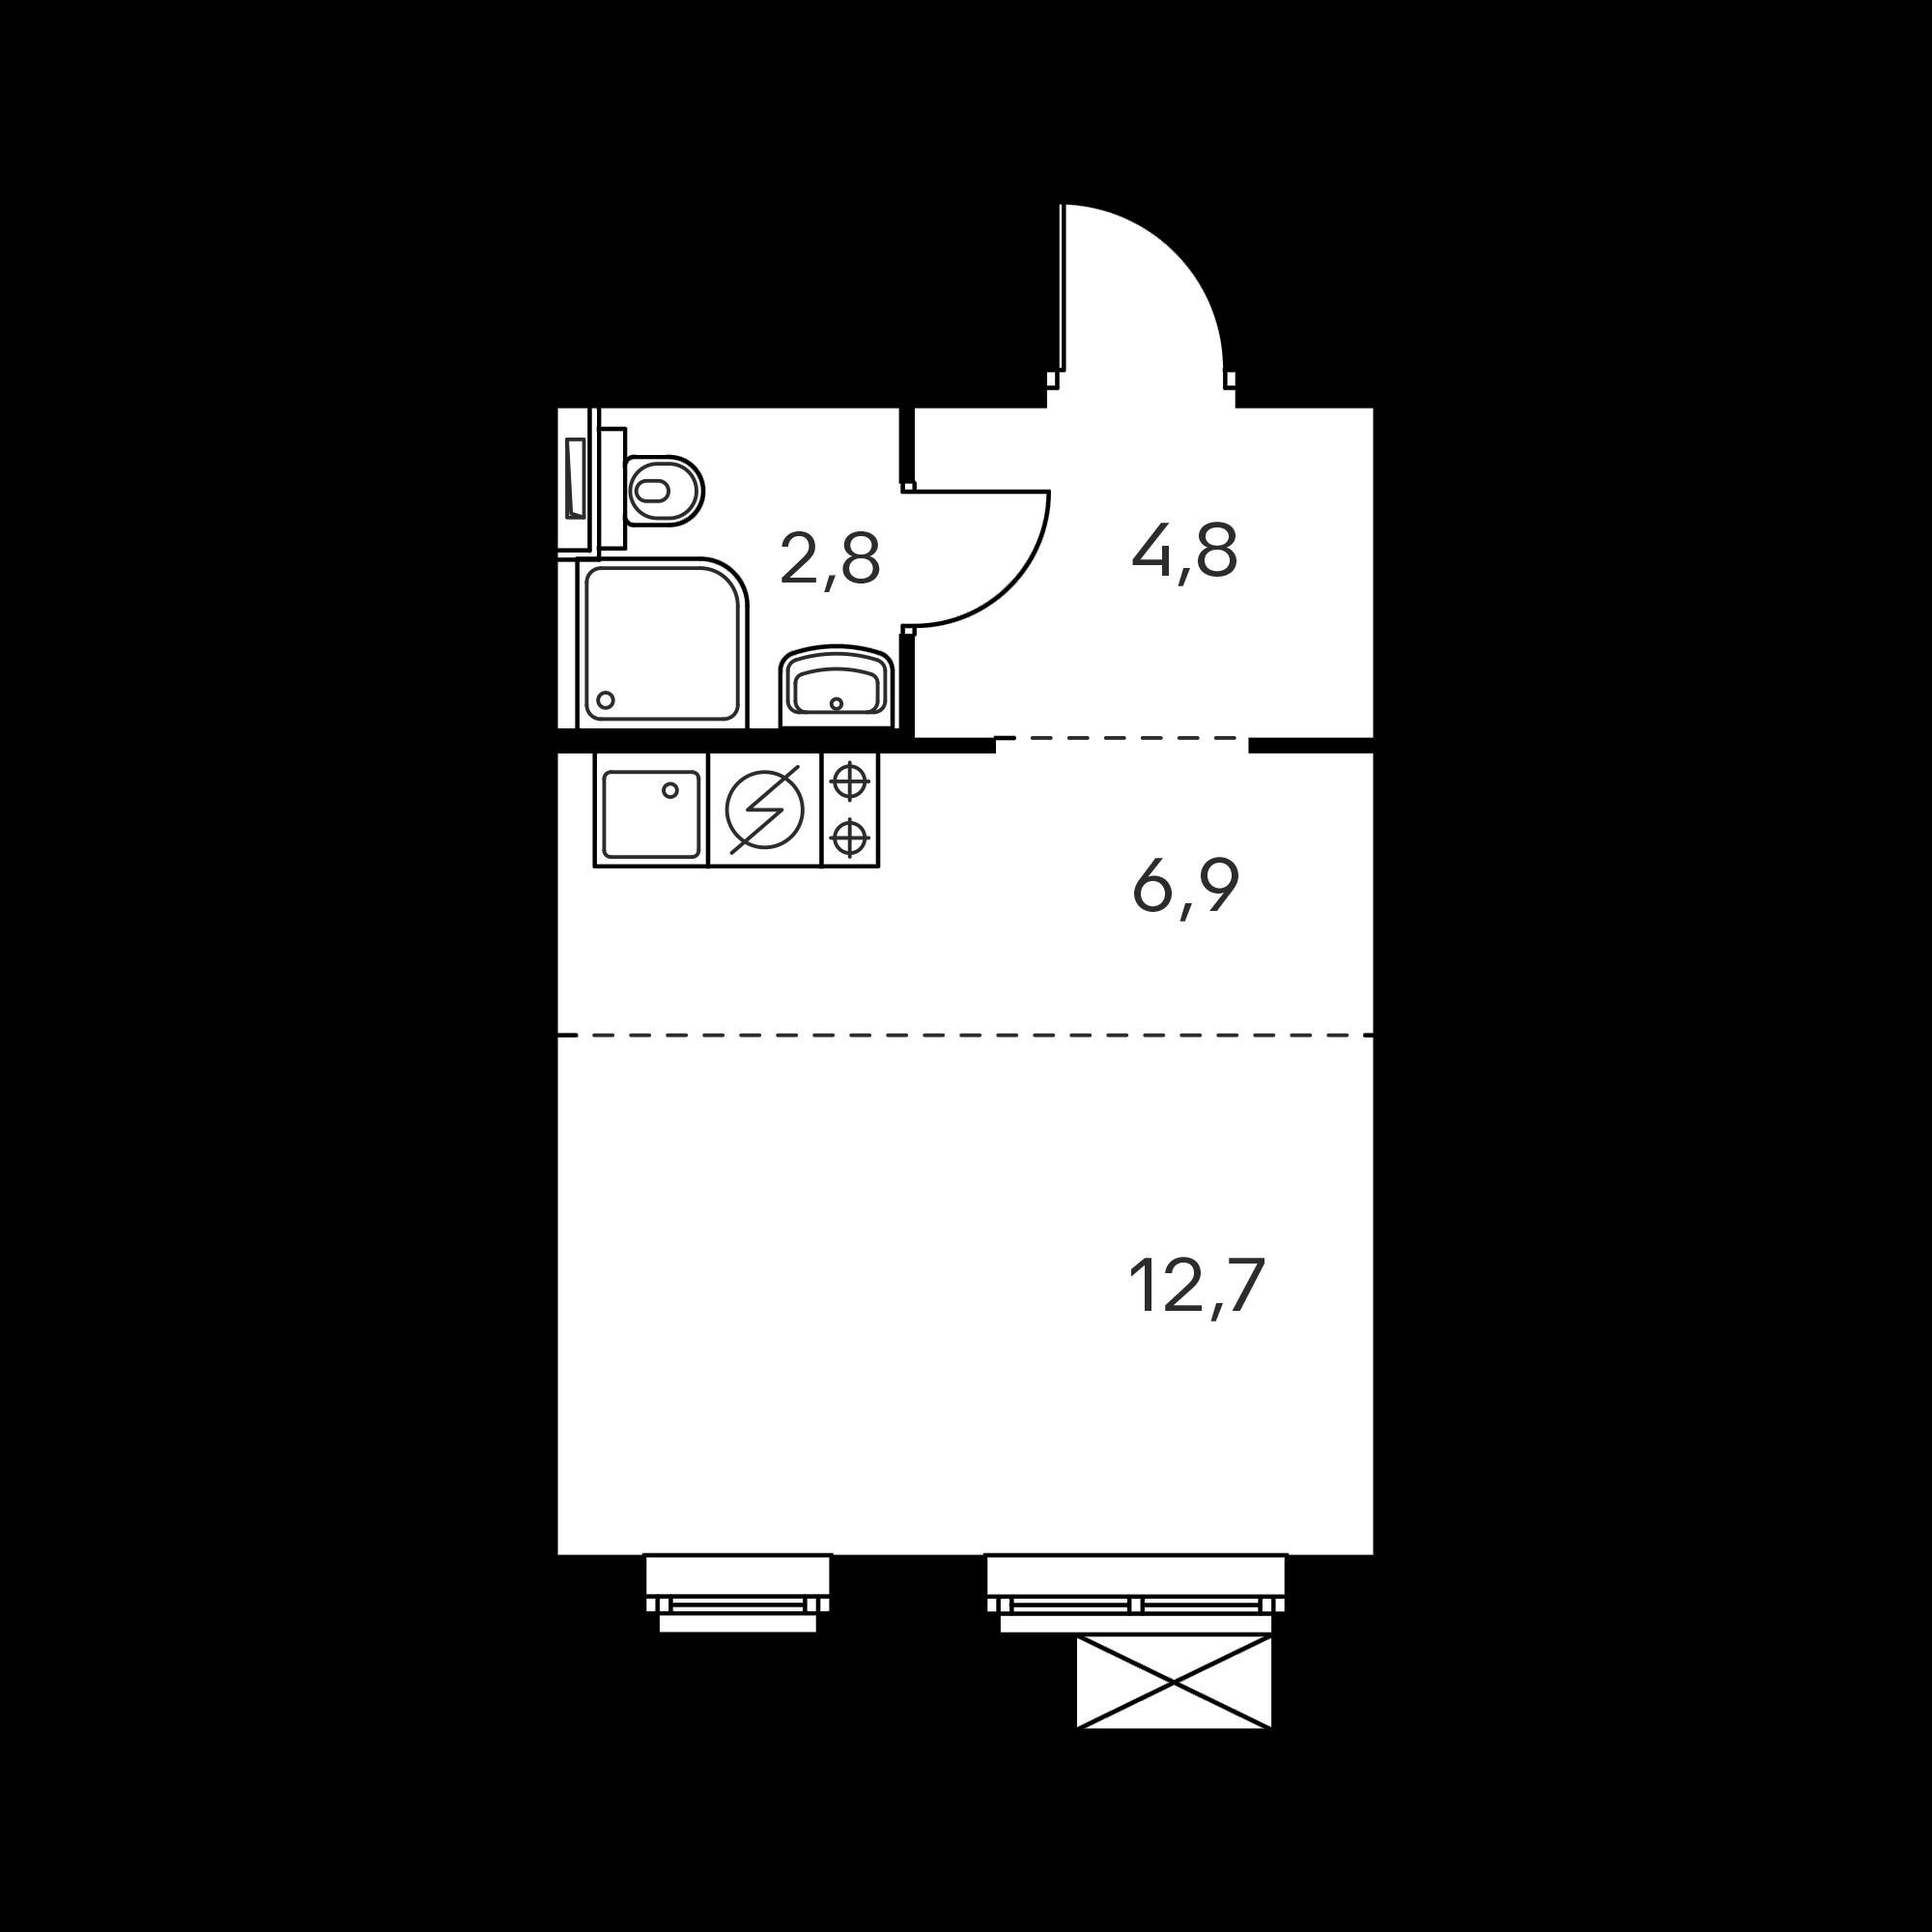 1NM1_4.8-1_S_Z-7